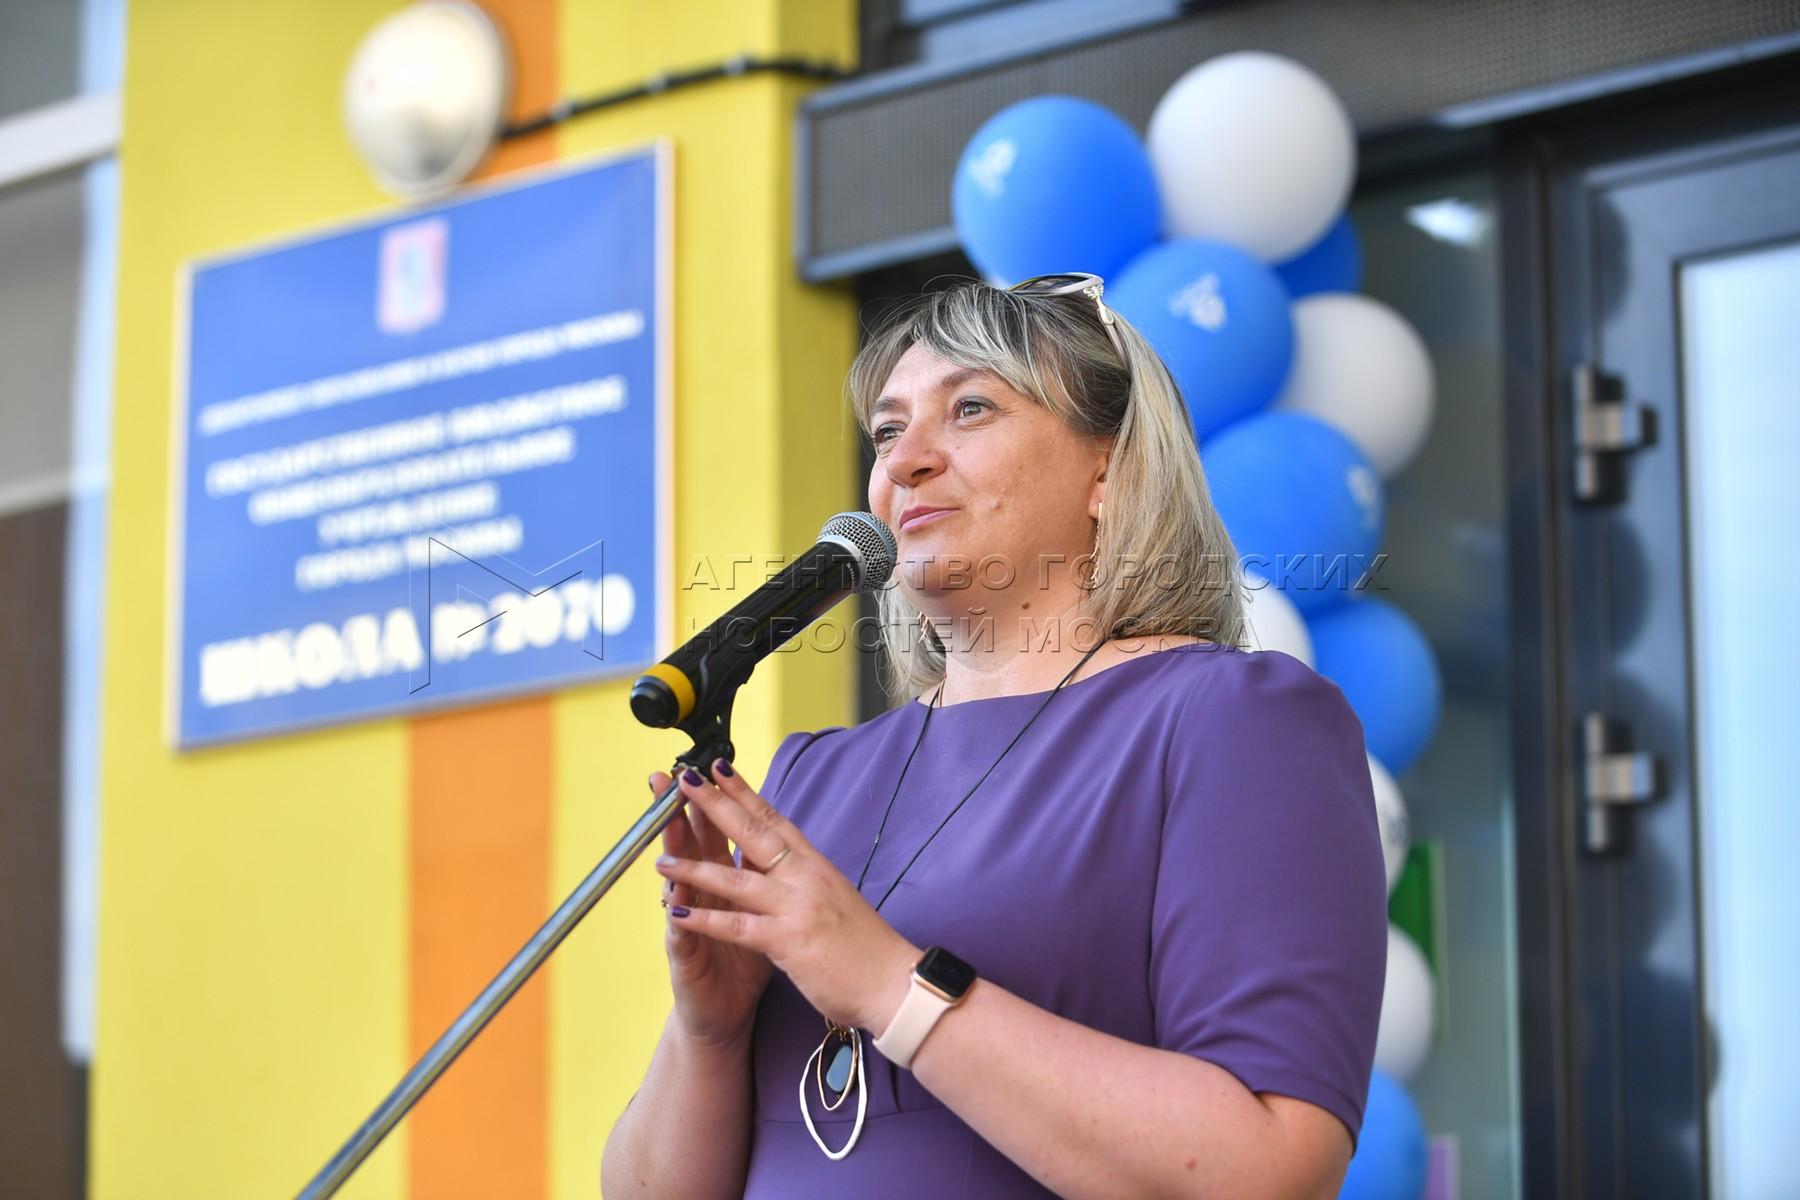 Директор школы №2070 Ольга Афанасьева во время торжественной передачи ключа от муниципальной общеобразовательной школы №2070 департаменту образования и науки Москвы.